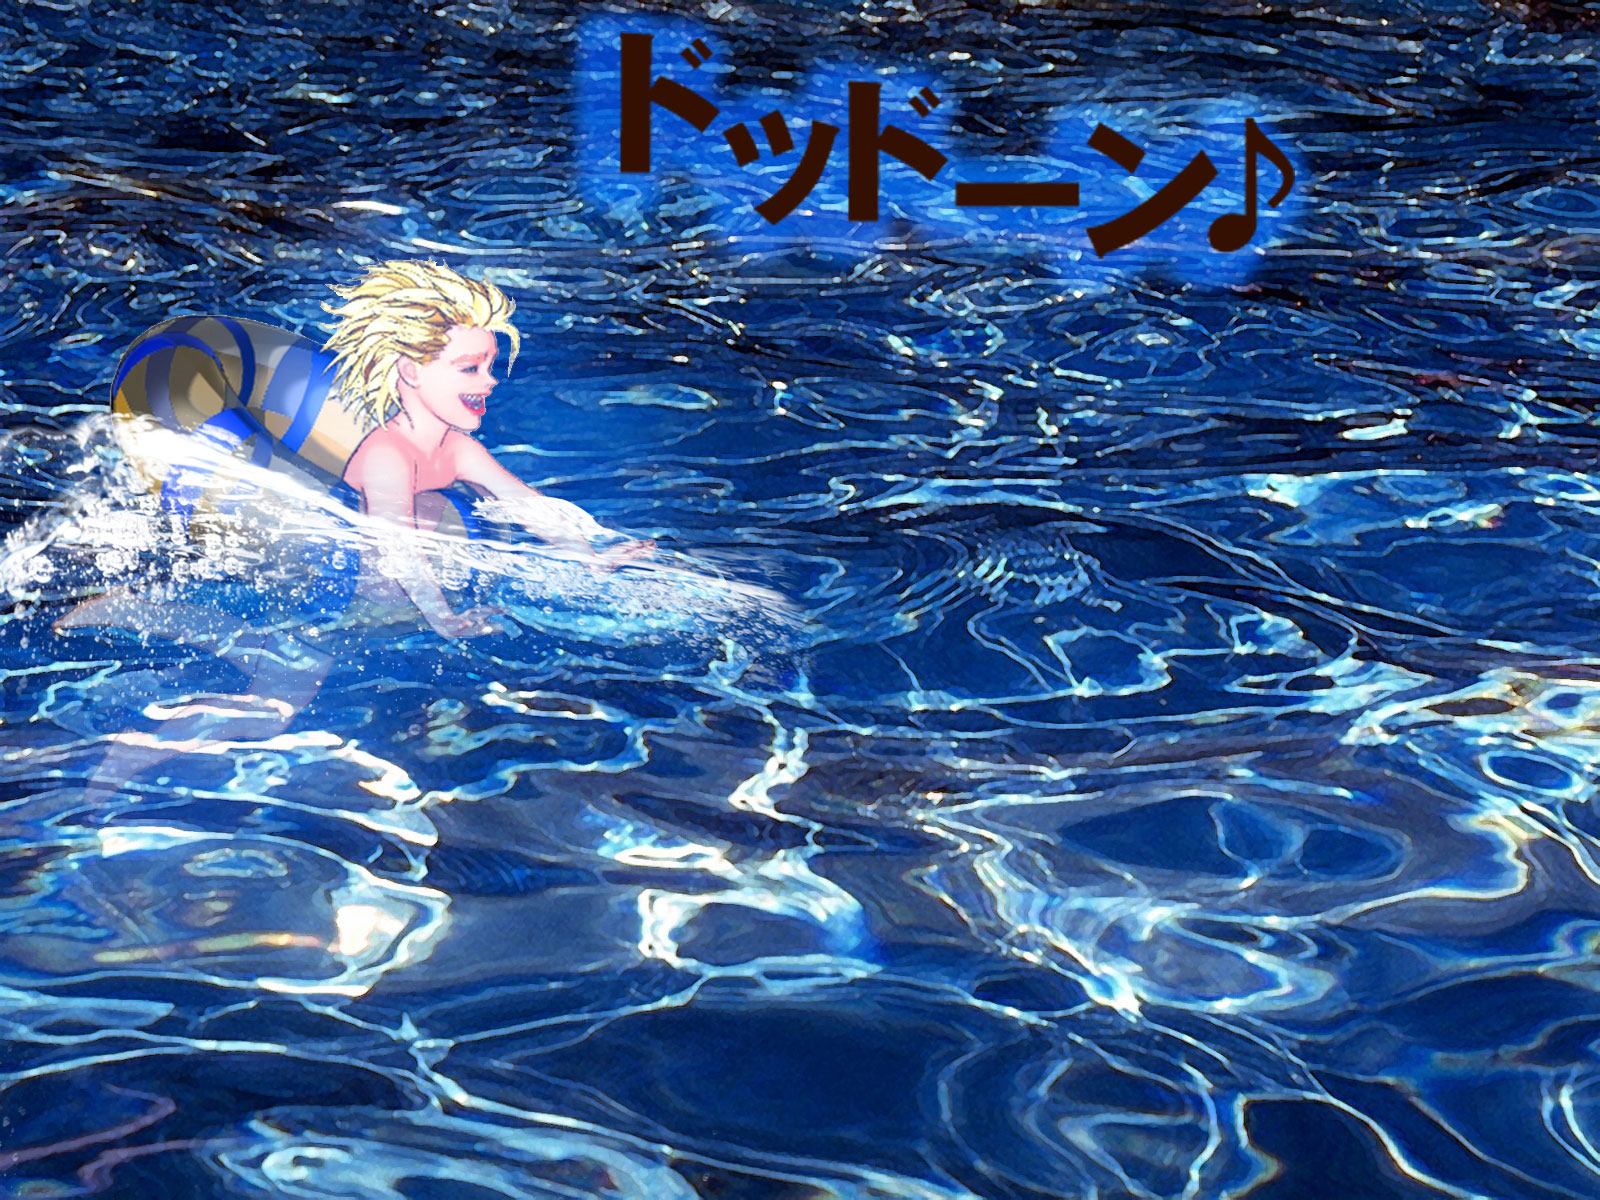 f:id:amakawawaka:20180407182742j:plain